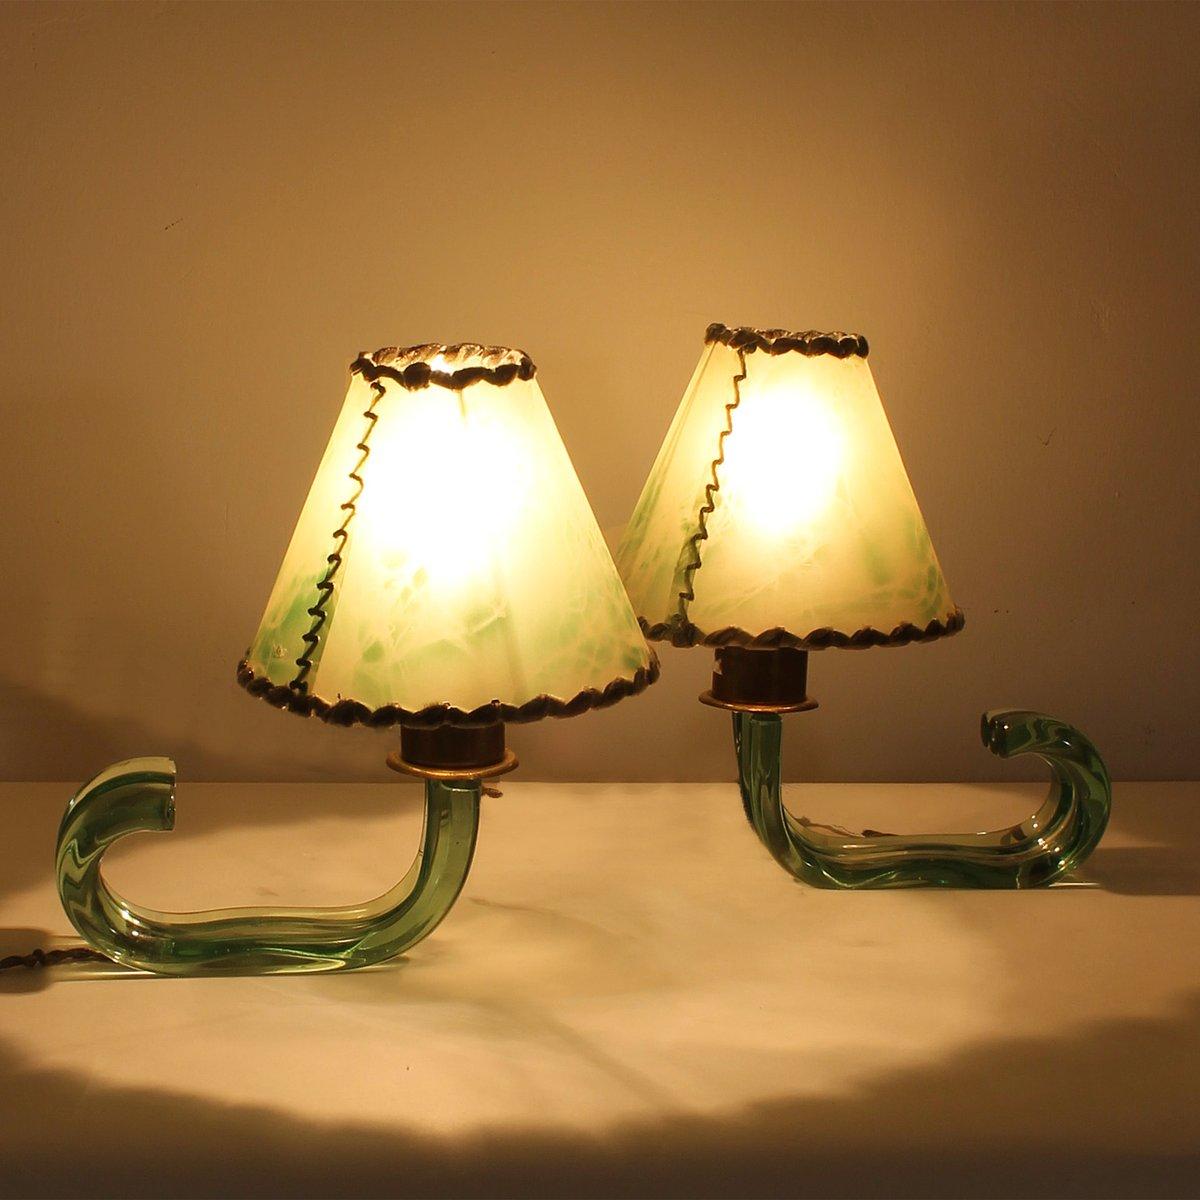 italienische messing glas mini lampen von seguso 1940er bei pamono kaufen. Black Bedroom Furniture Sets. Home Design Ideas